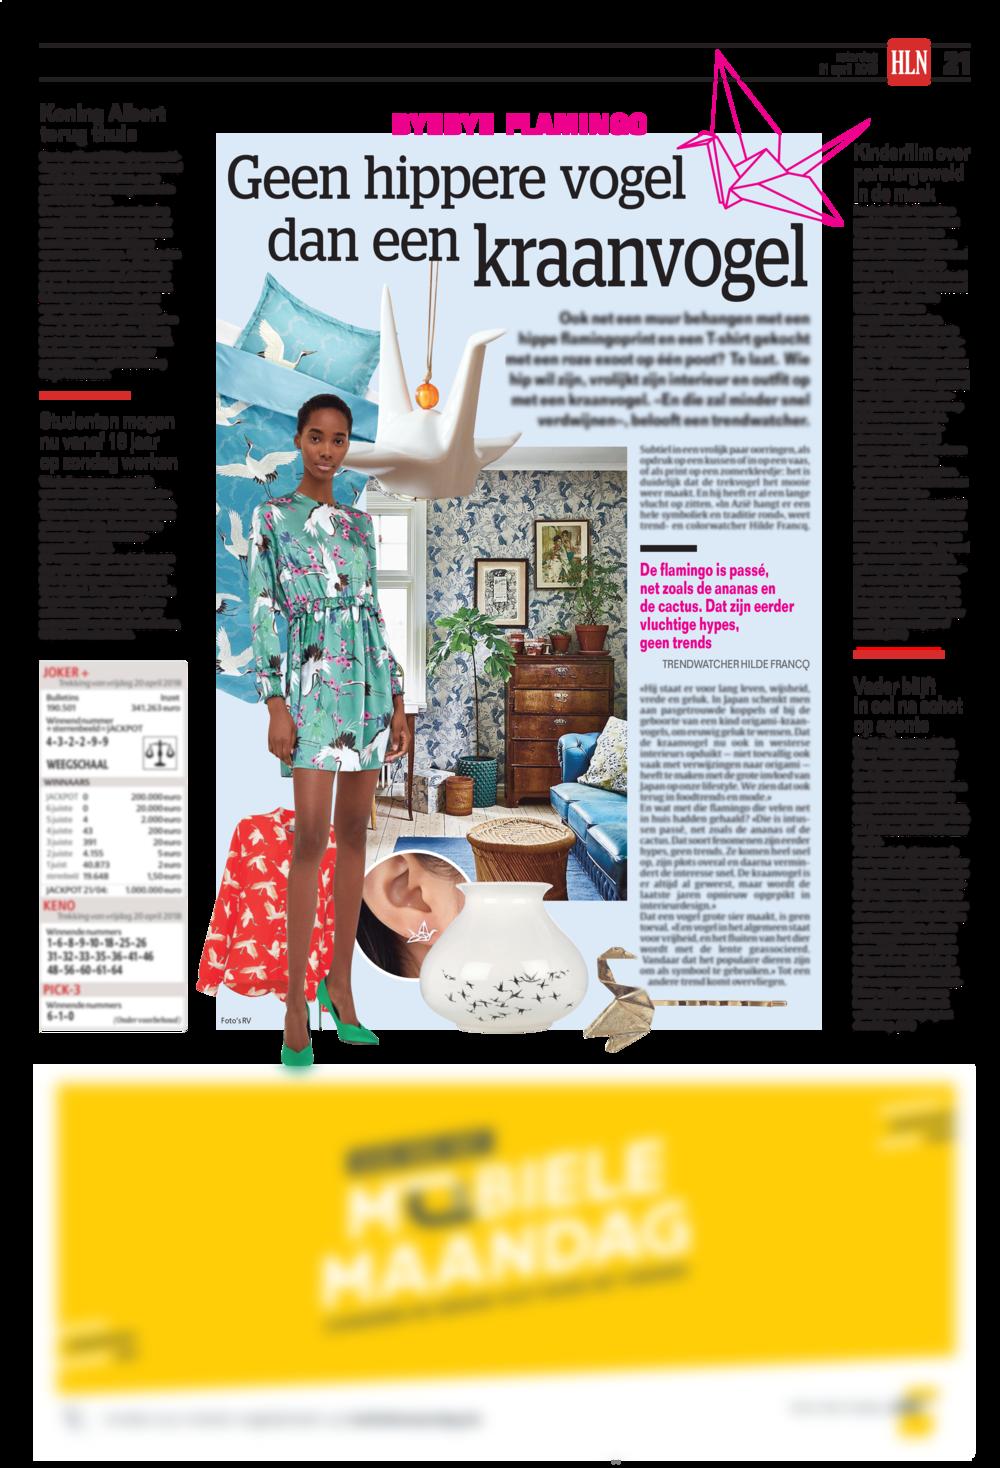 20180421_Het-Laatste-Nieuws-Antwerpen-Noord_p-21.png